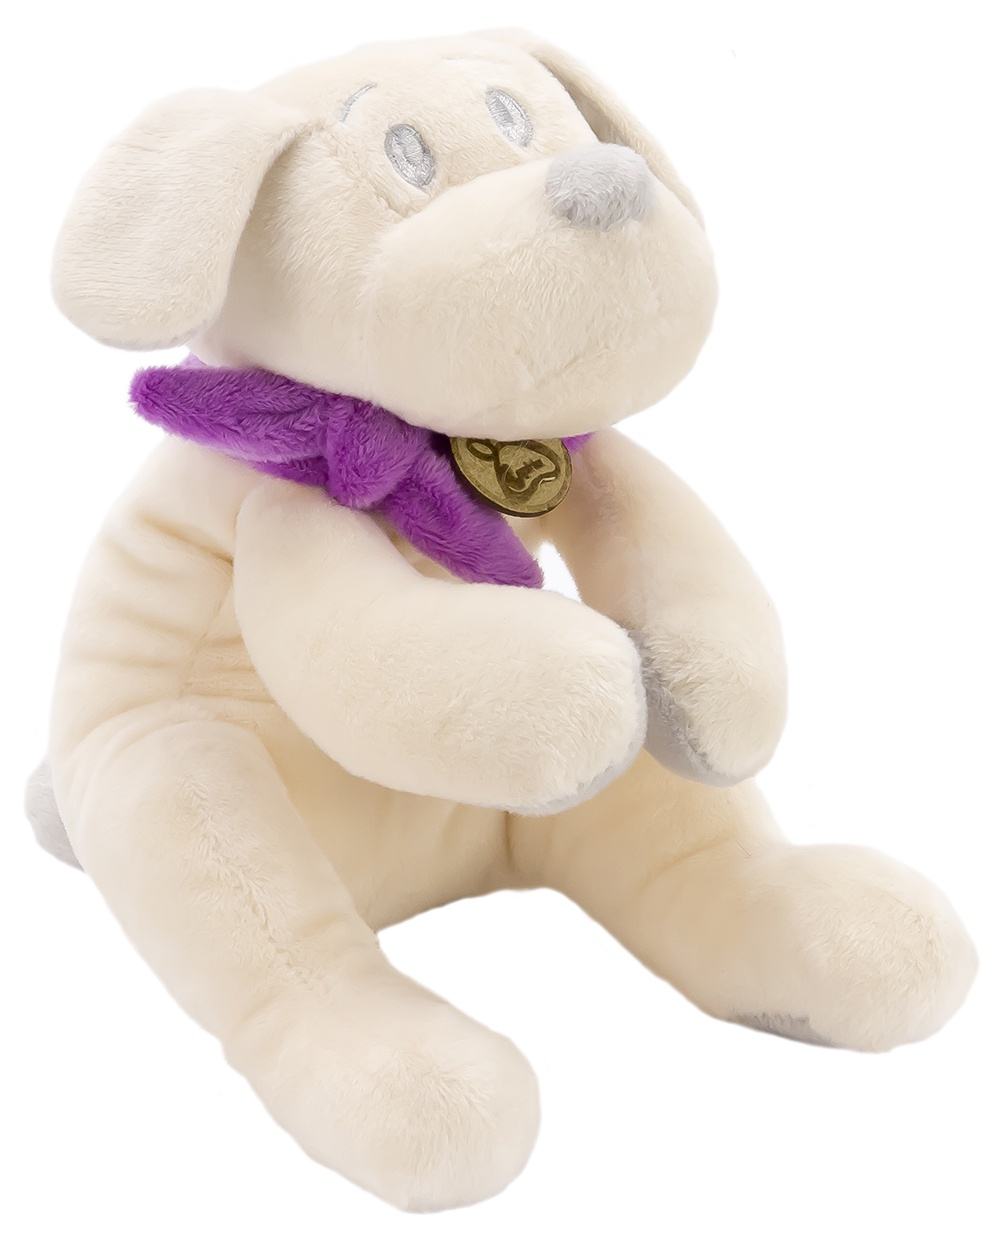 Мягкая игрушка Lapkin Собака 15см белый/фиолетовый (AT365200)